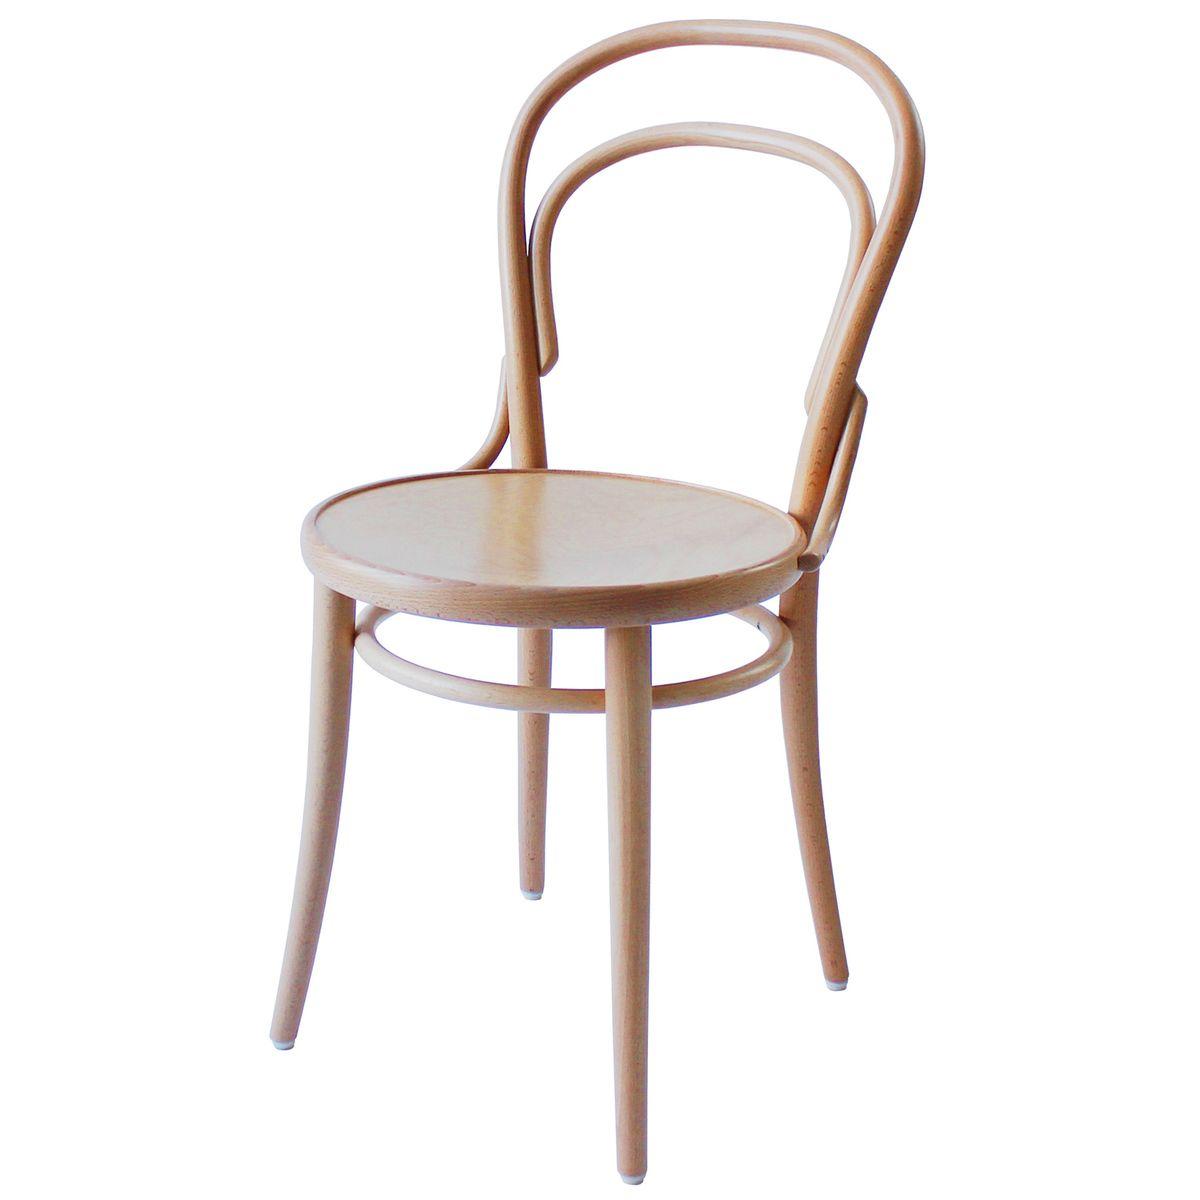 TON Chair 6, natural beech in 6  Ton chair, Chair, Furniture